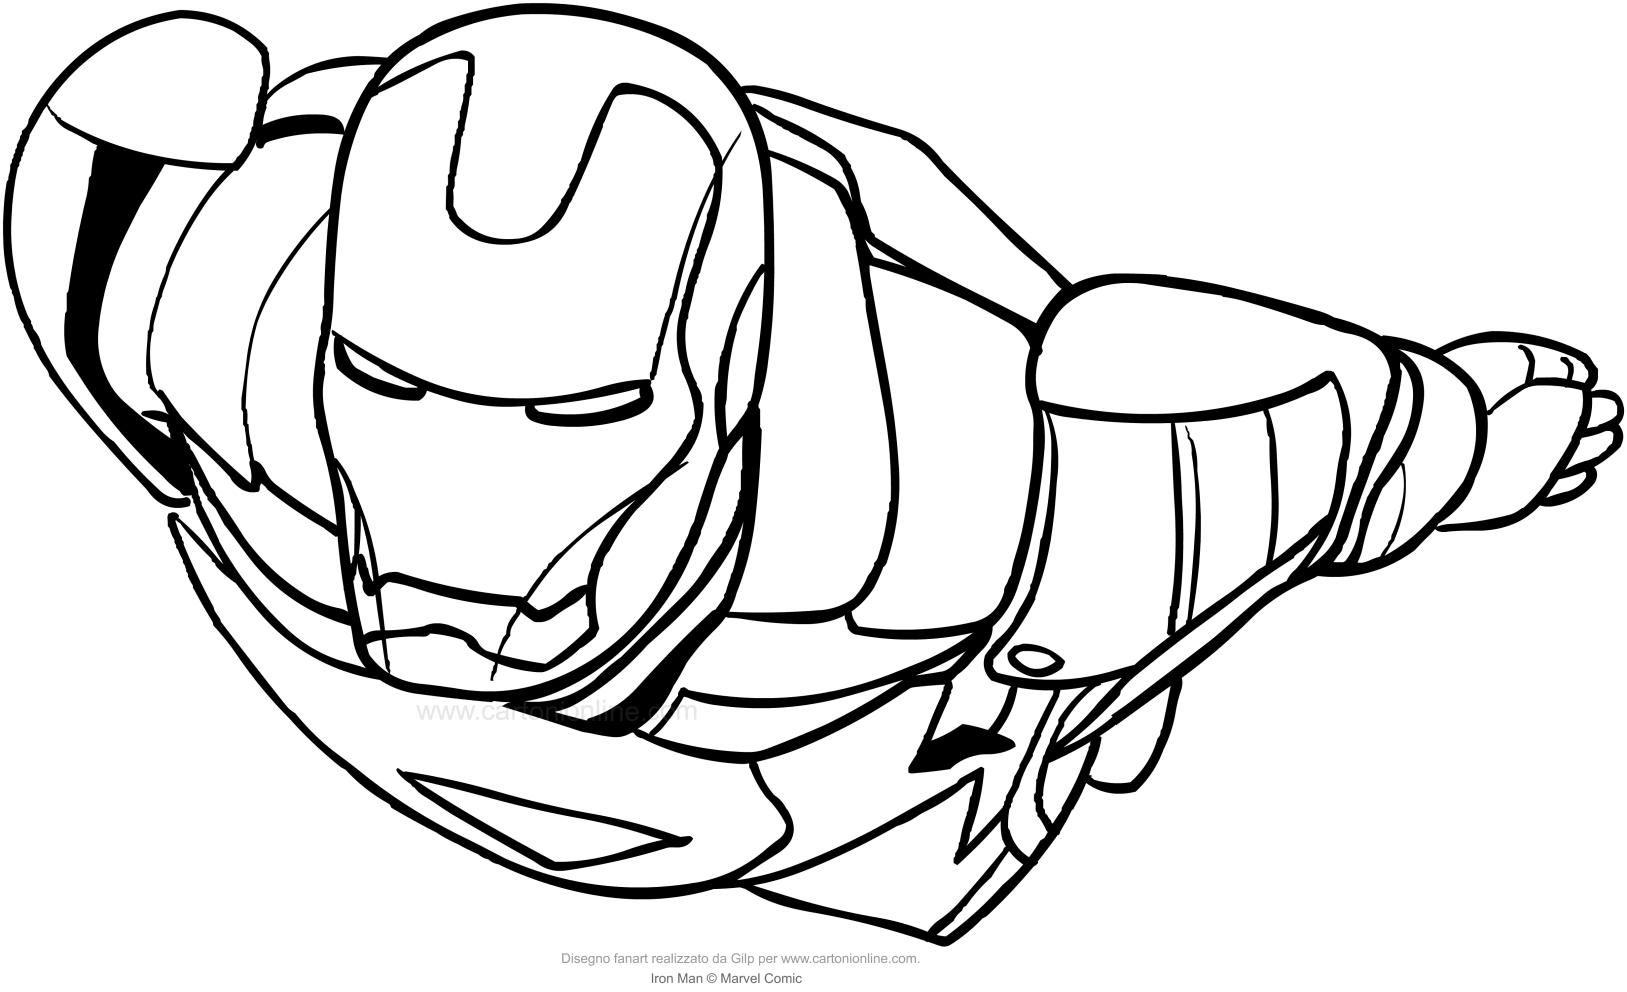 28 Iron Man Ausmalbilder - Besten Bilder von ausmalbilder